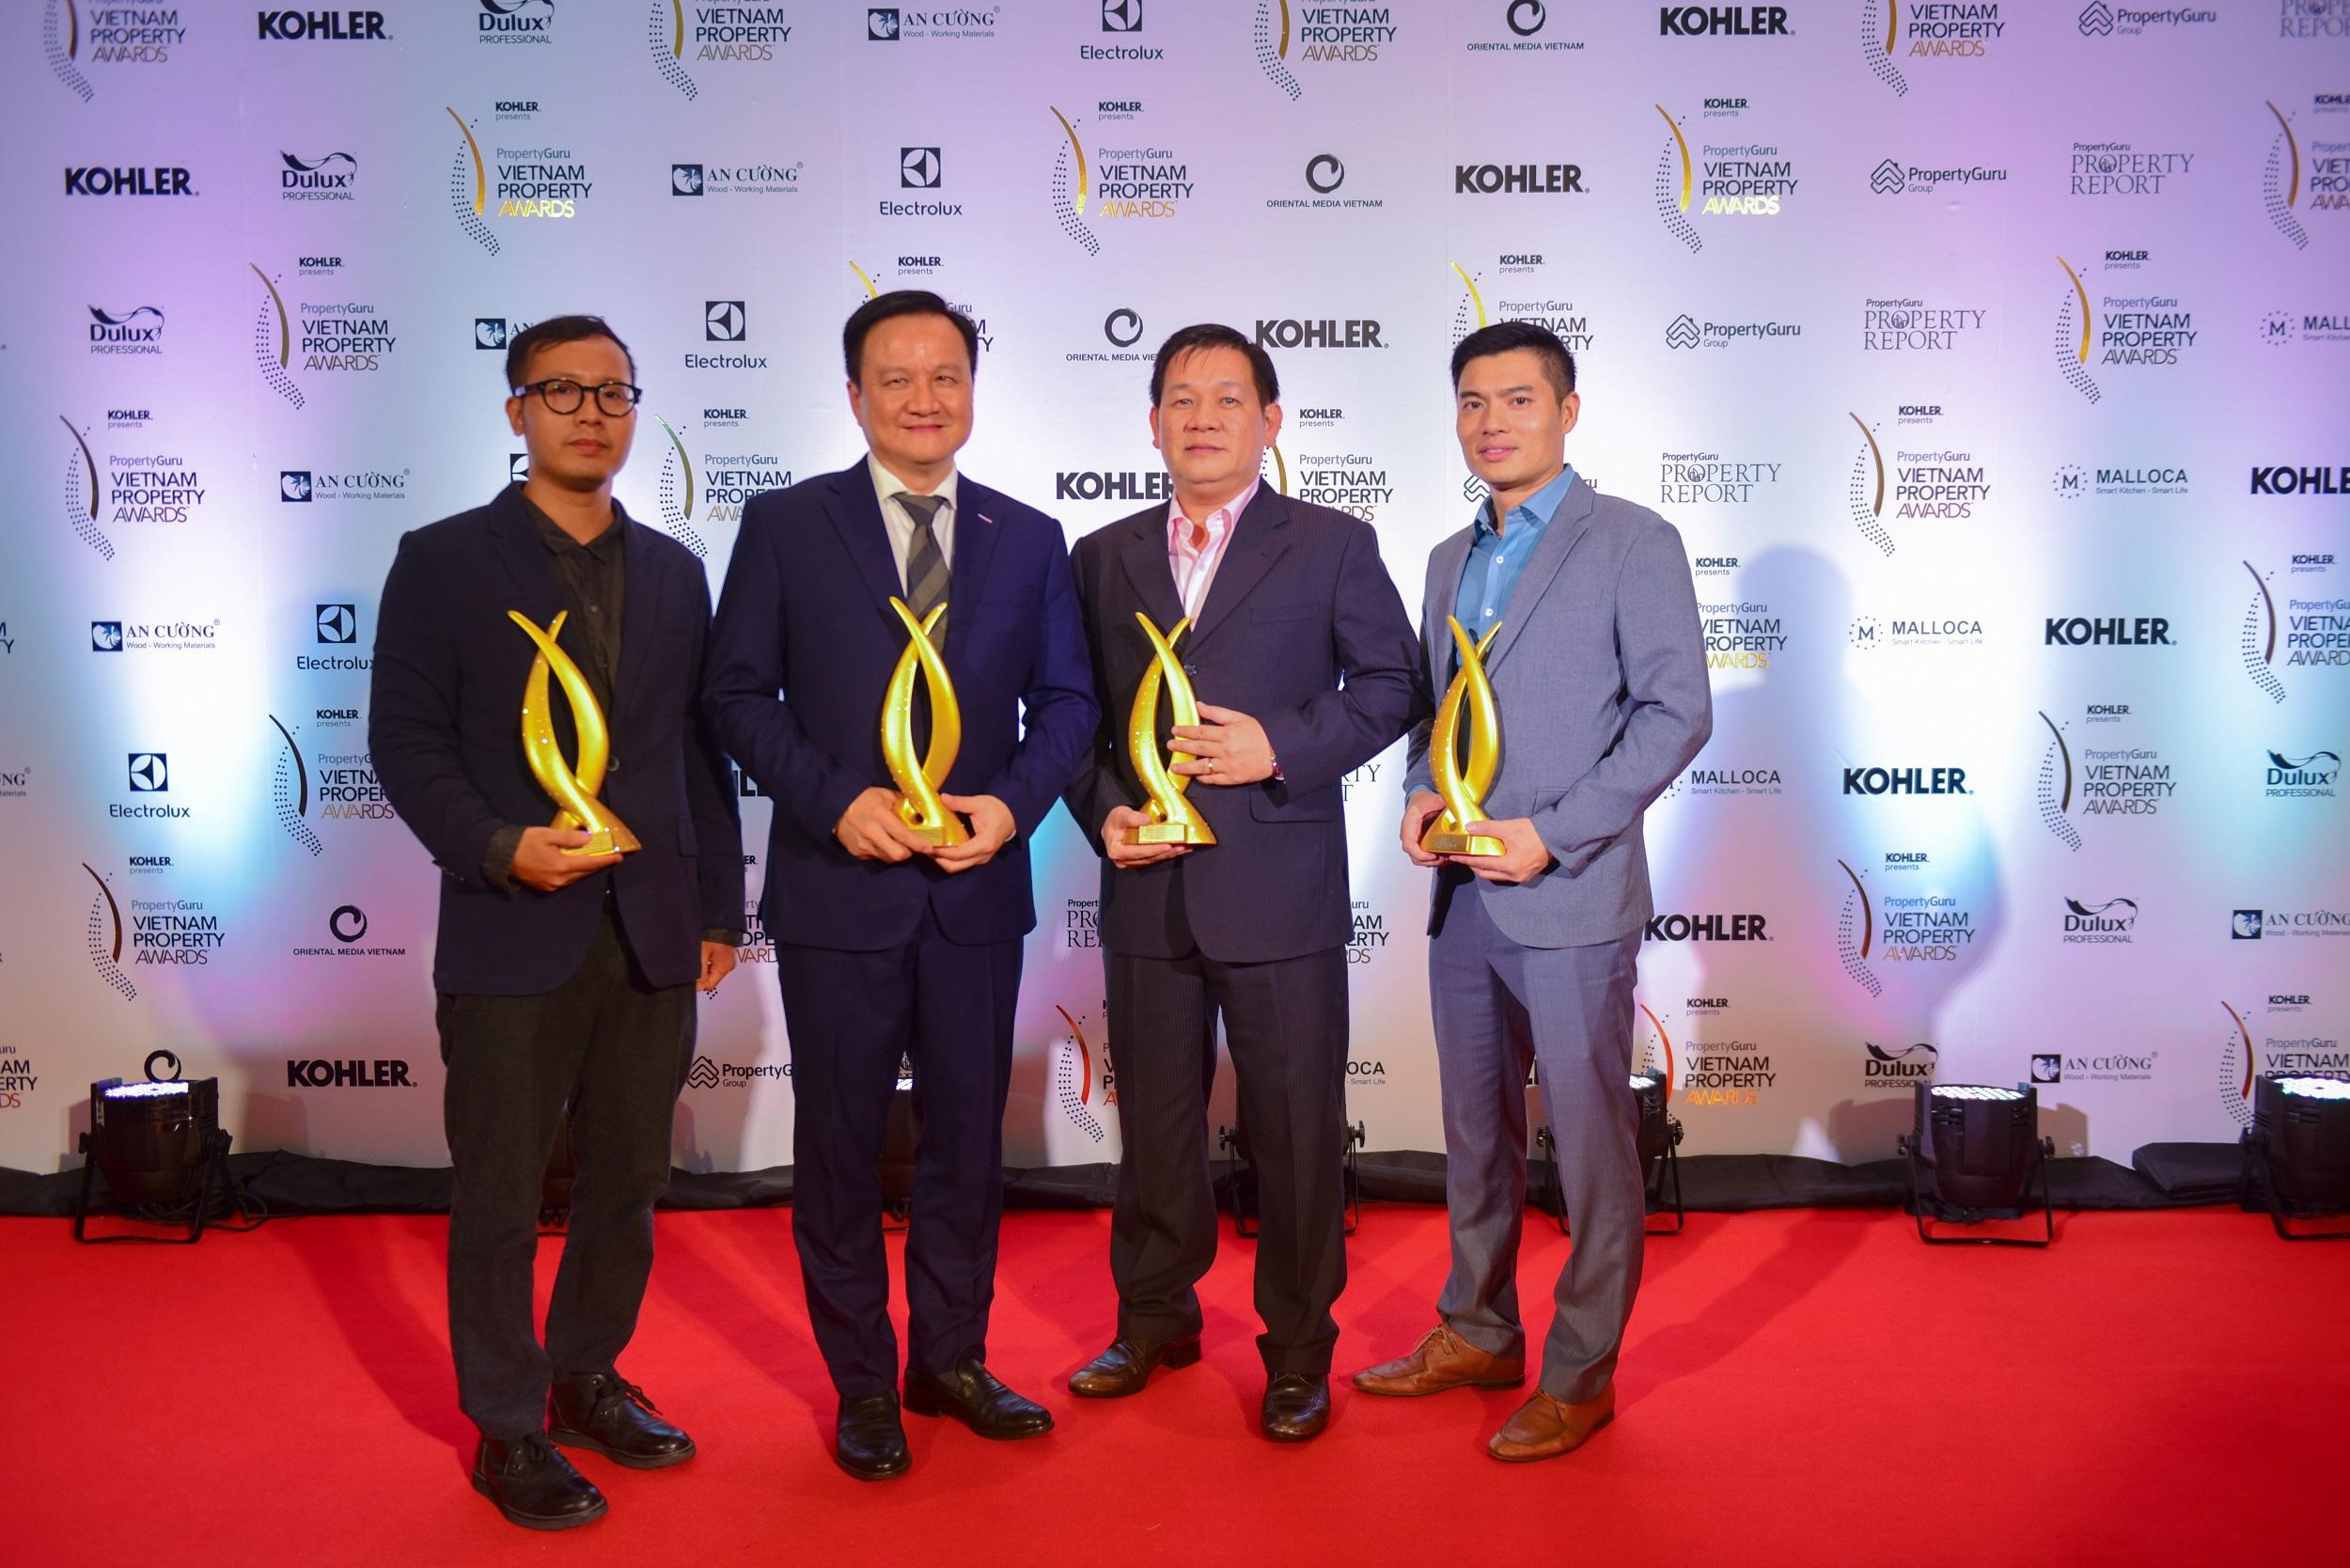 MIKGroup chiến thắng vang dội tại PropertyGuru Vietnam Property Awards 2018